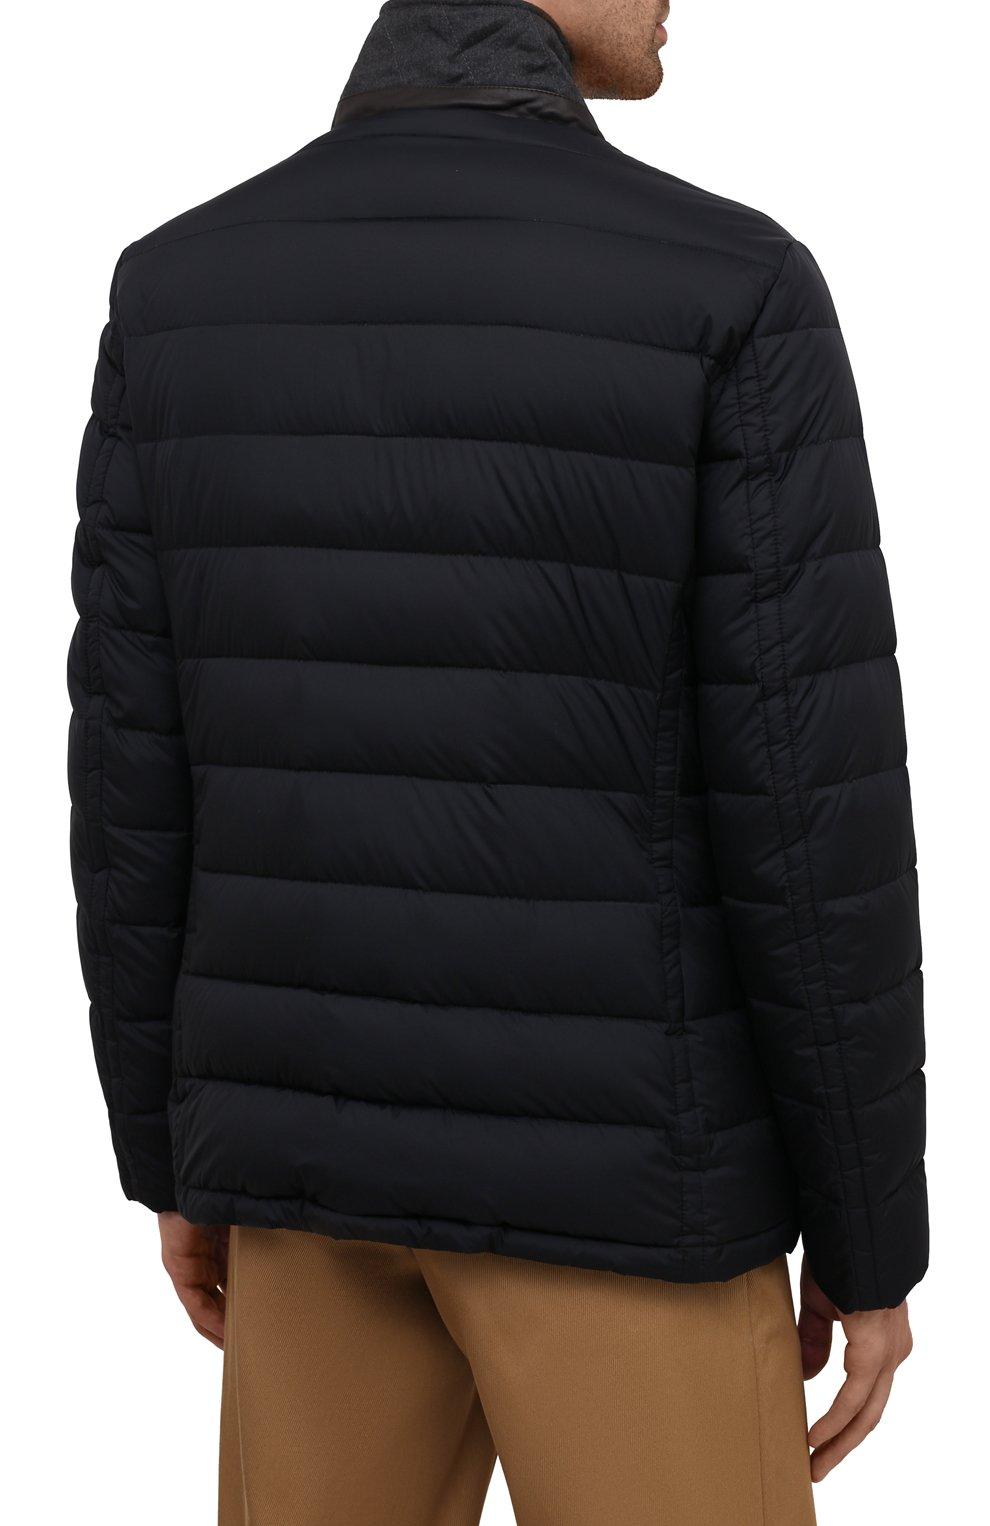 Мужская пуховая куртка zayn-op MOORER темно-синего цвета, арт. ZAYN-0P/M0UGI100307-TEPA017 | Фото 4 (Кросс-КТ: Куртка; Мужское Кросс-КТ: пуховик-короткий; Рукава: Длинные; Материал внешний: Синтетический материал; Материал подклада: Синтетический материал; Длина (верхняя одежда): Короткие; Материал утеплителя: Пух и перо; Стили: Кэжуэл)